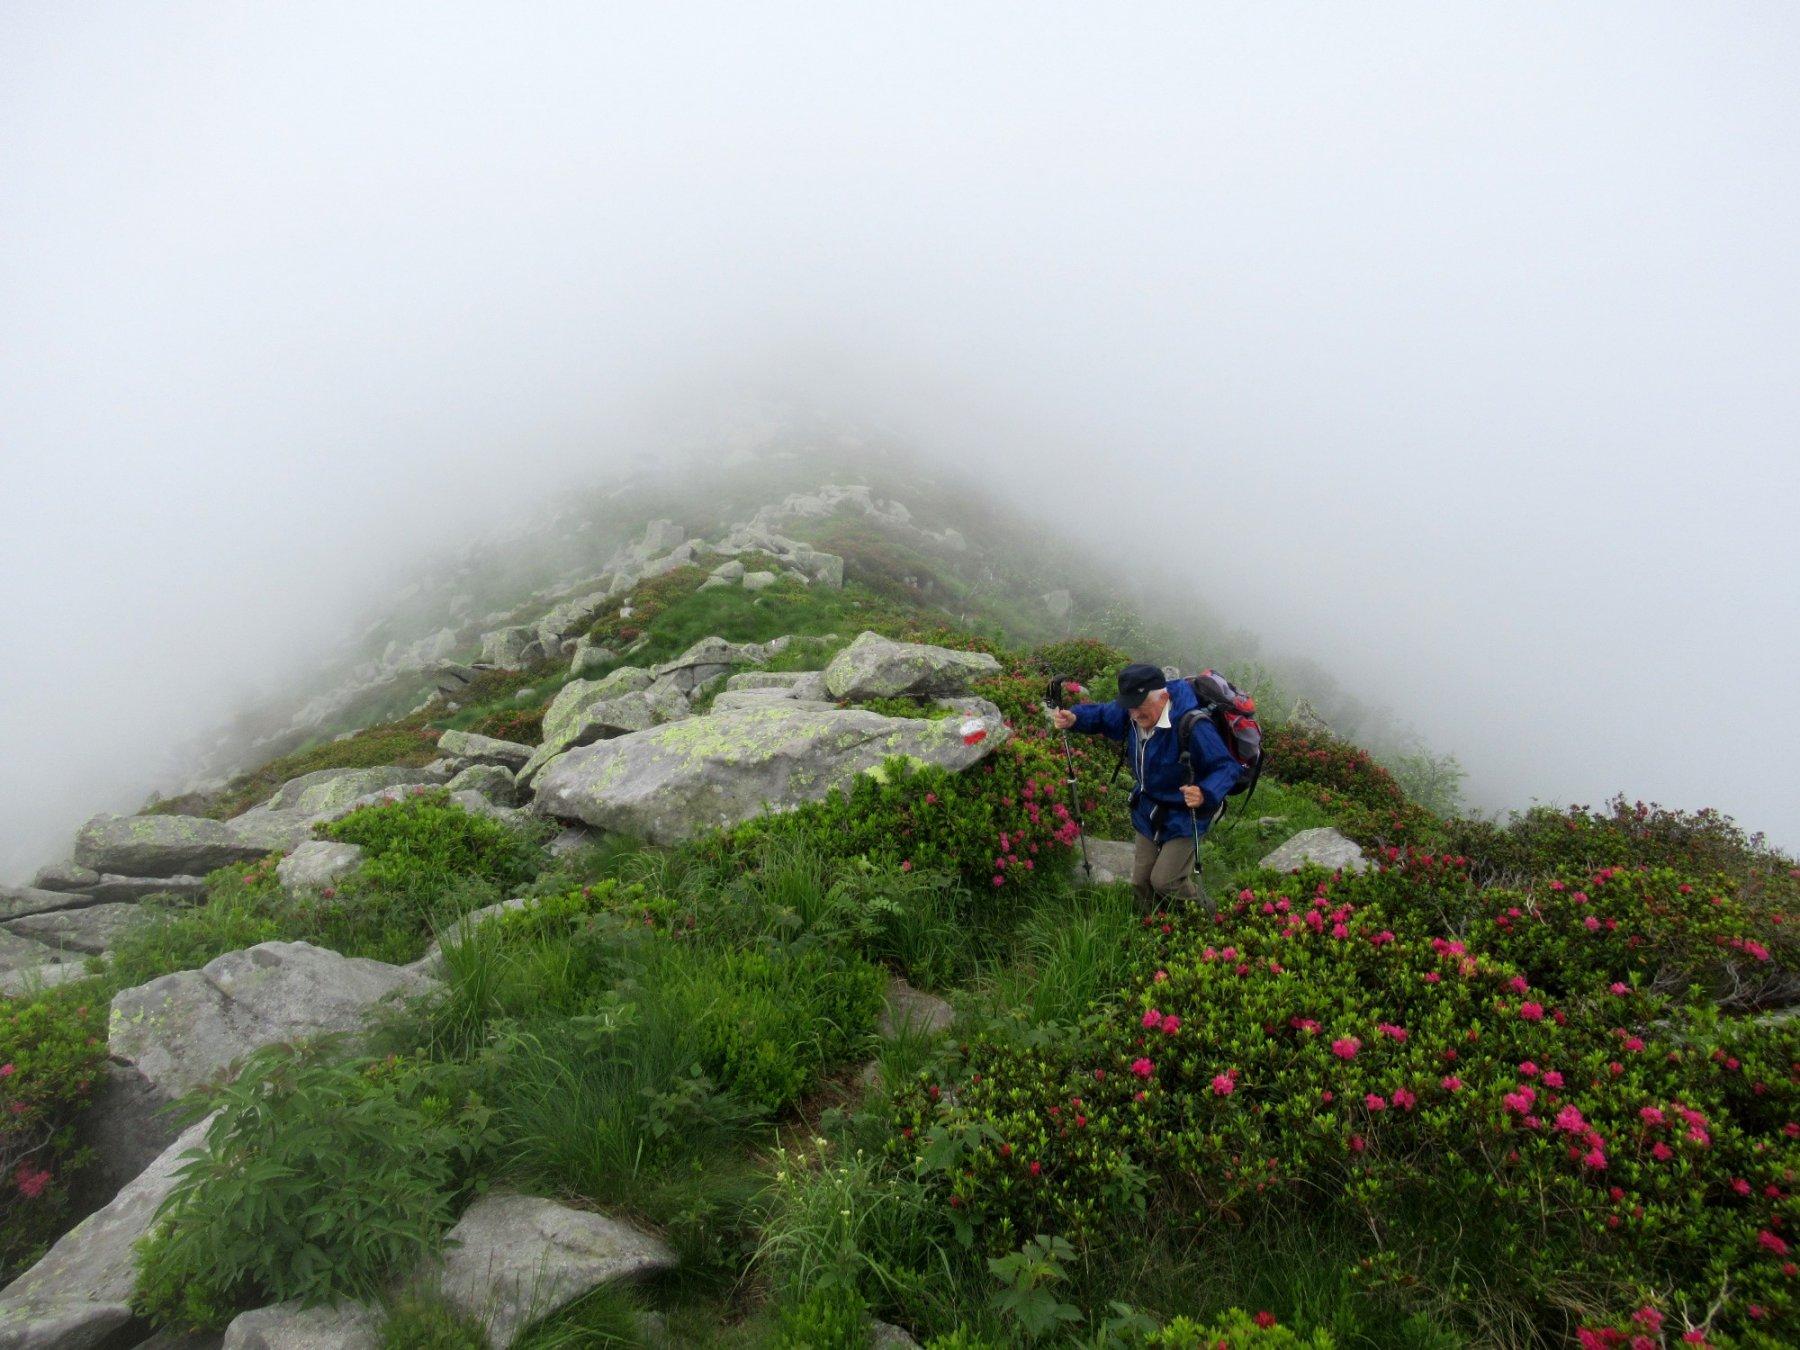 Sulla dorsale tra la nebbia